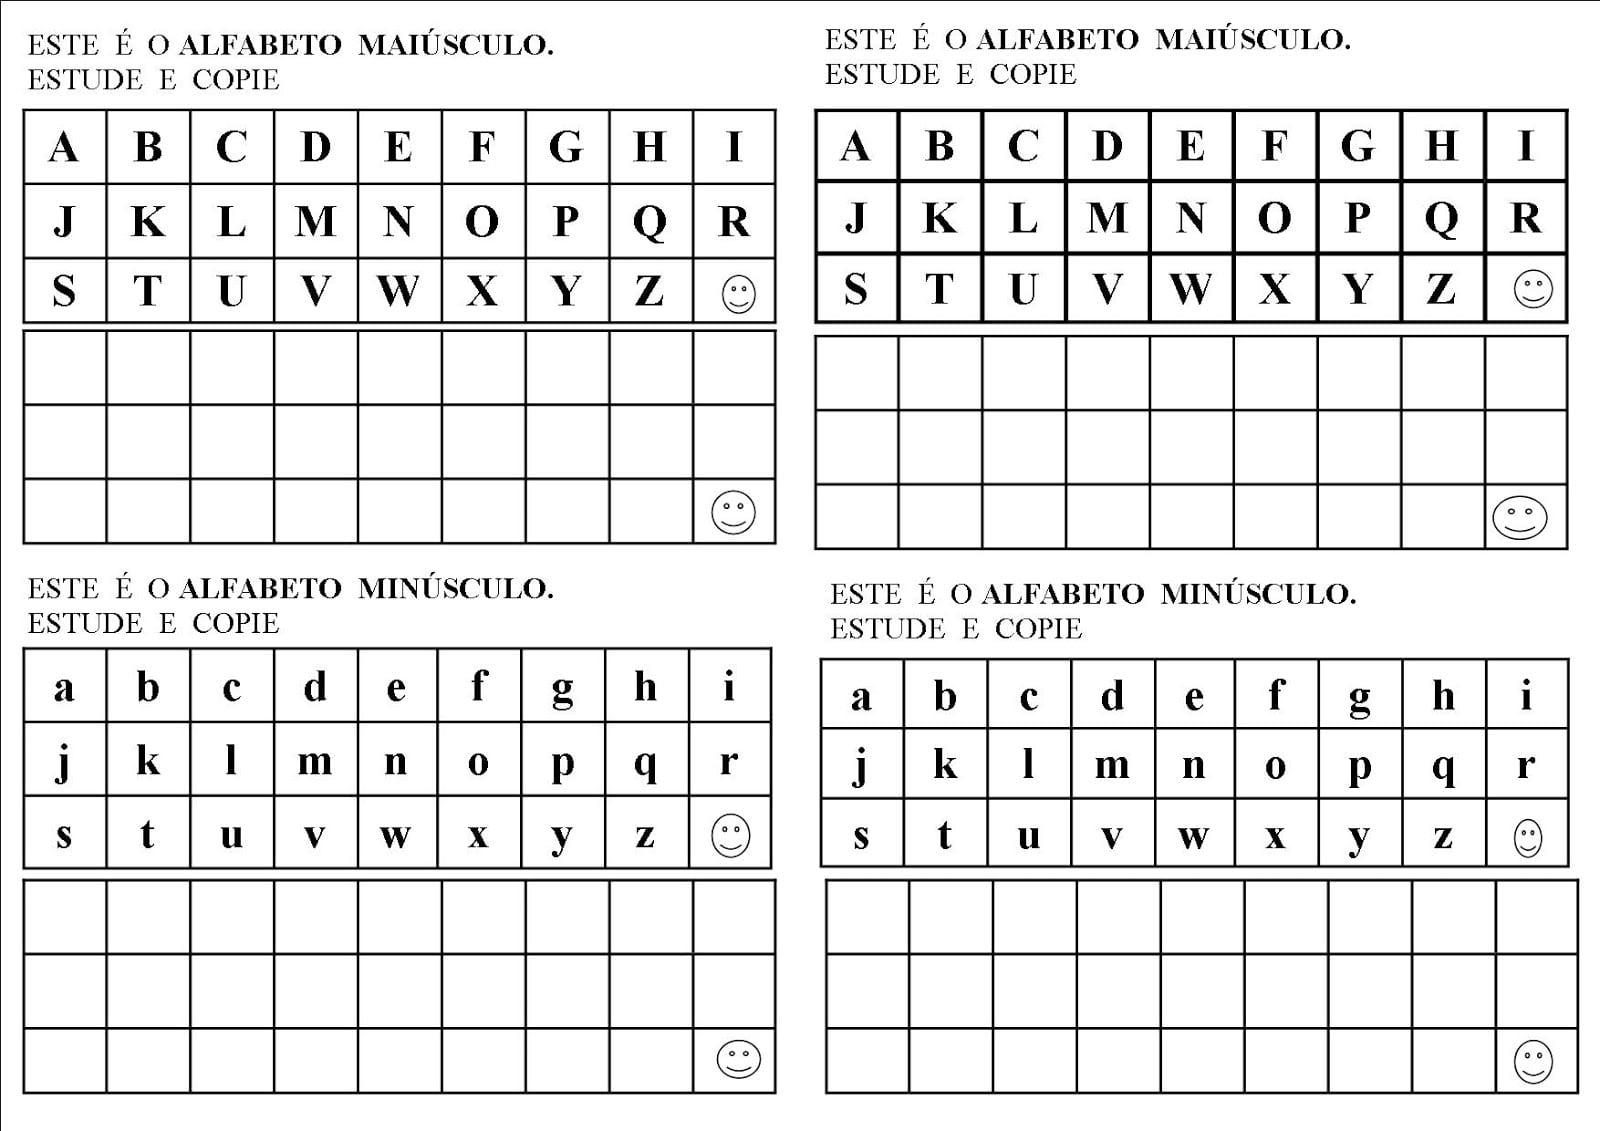 Estudando O Alfabeto Maiúsculo E Minúsculo